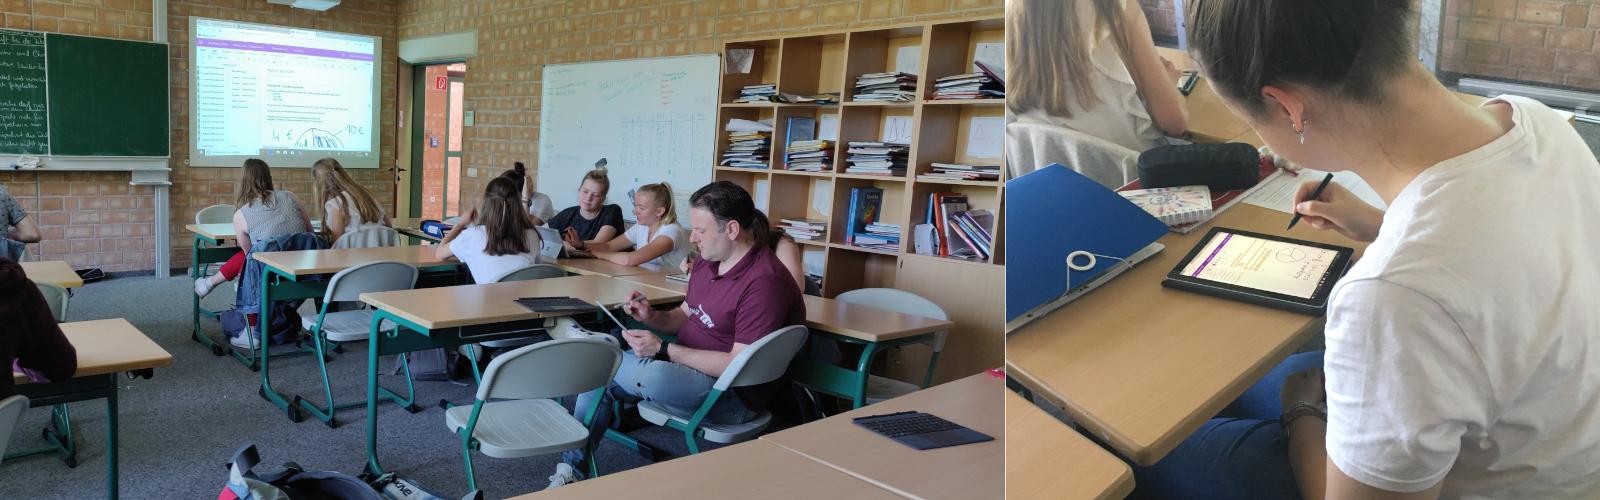 Zwei Bilder zeigen Lernende in der Schulklasse bei der Arbeit mit dem Surface Go.